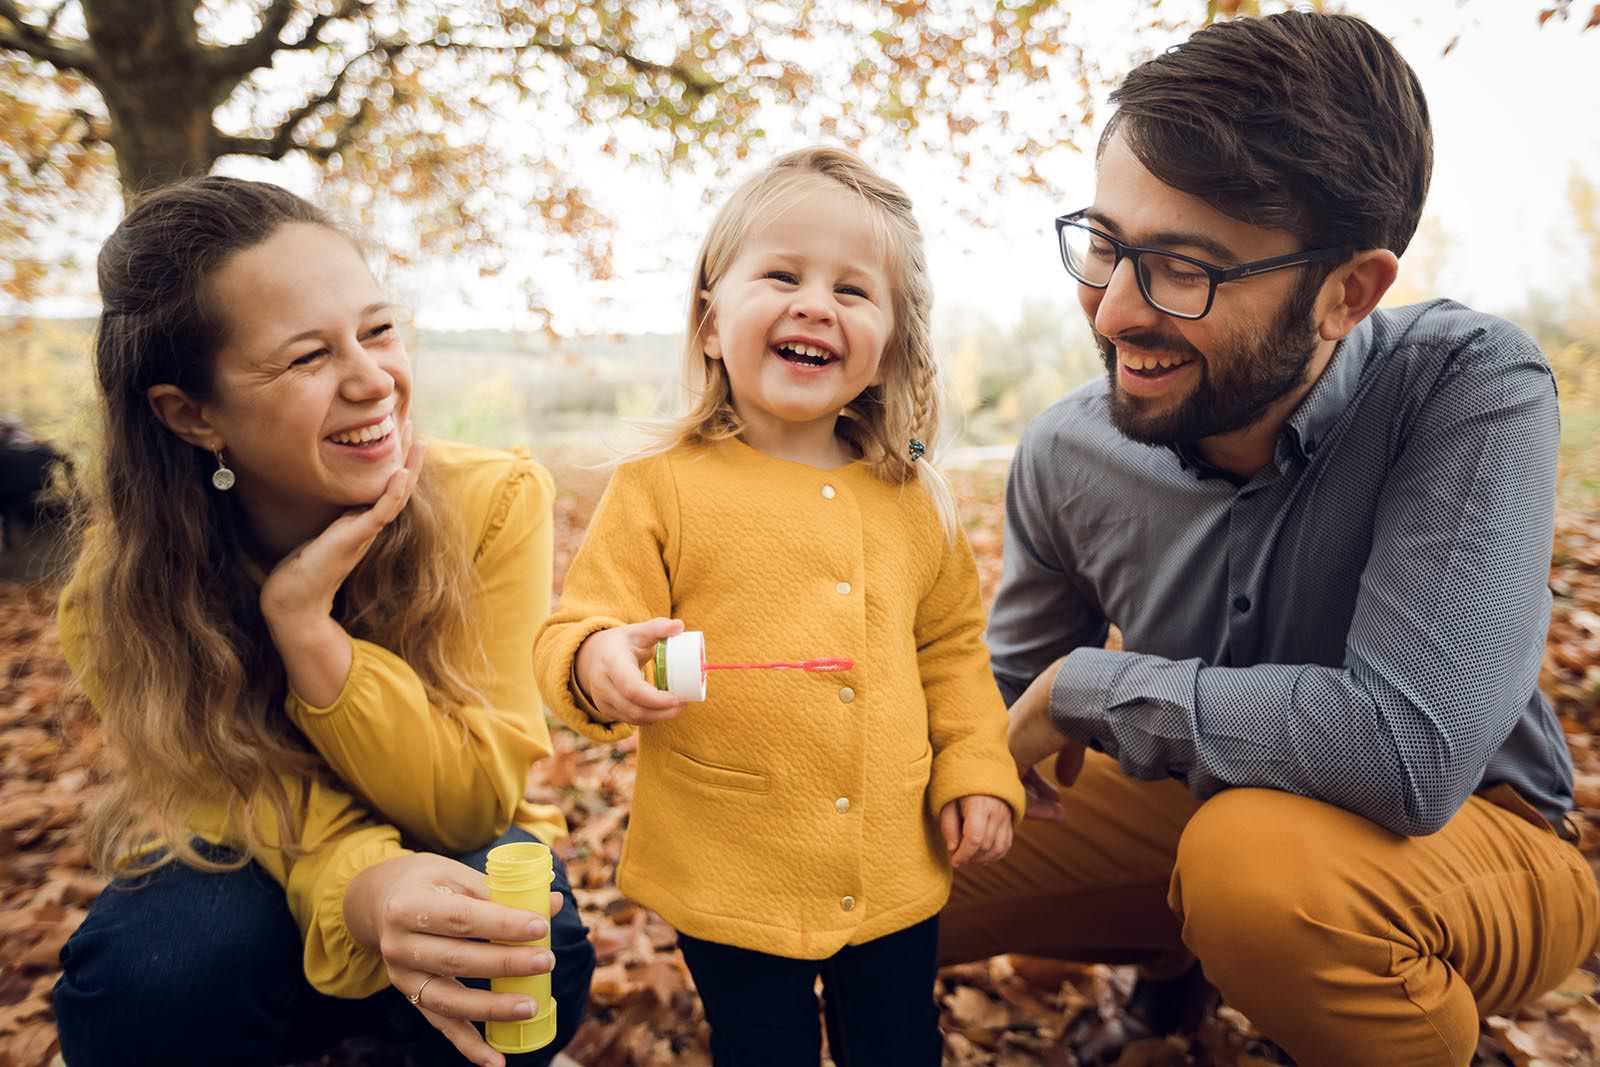 photographe famille Lyon Villefranche Sur Saône